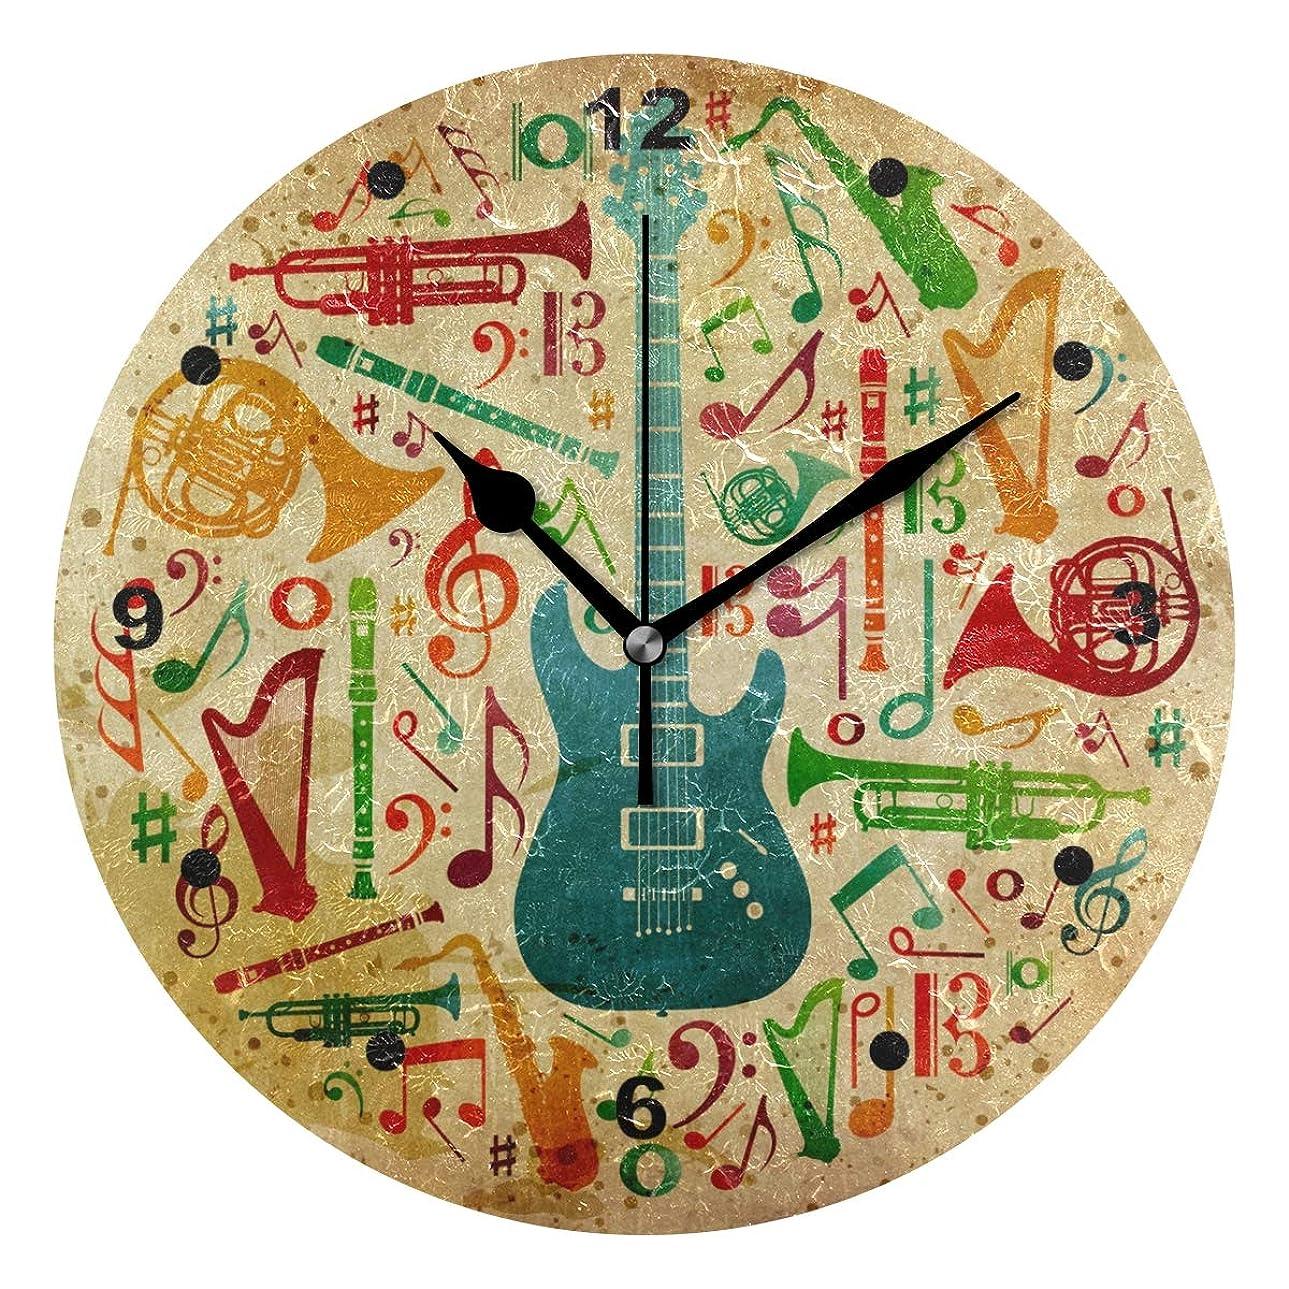 避けられない電極自伝インテリア 掛け時計 木製 サイレント キッズ 子供 部屋 簡単 音符 楽器 ギター 絵柄子供 置き時計 おしゃれ 北欧 時計 壁掛け 連続秒針 電池式